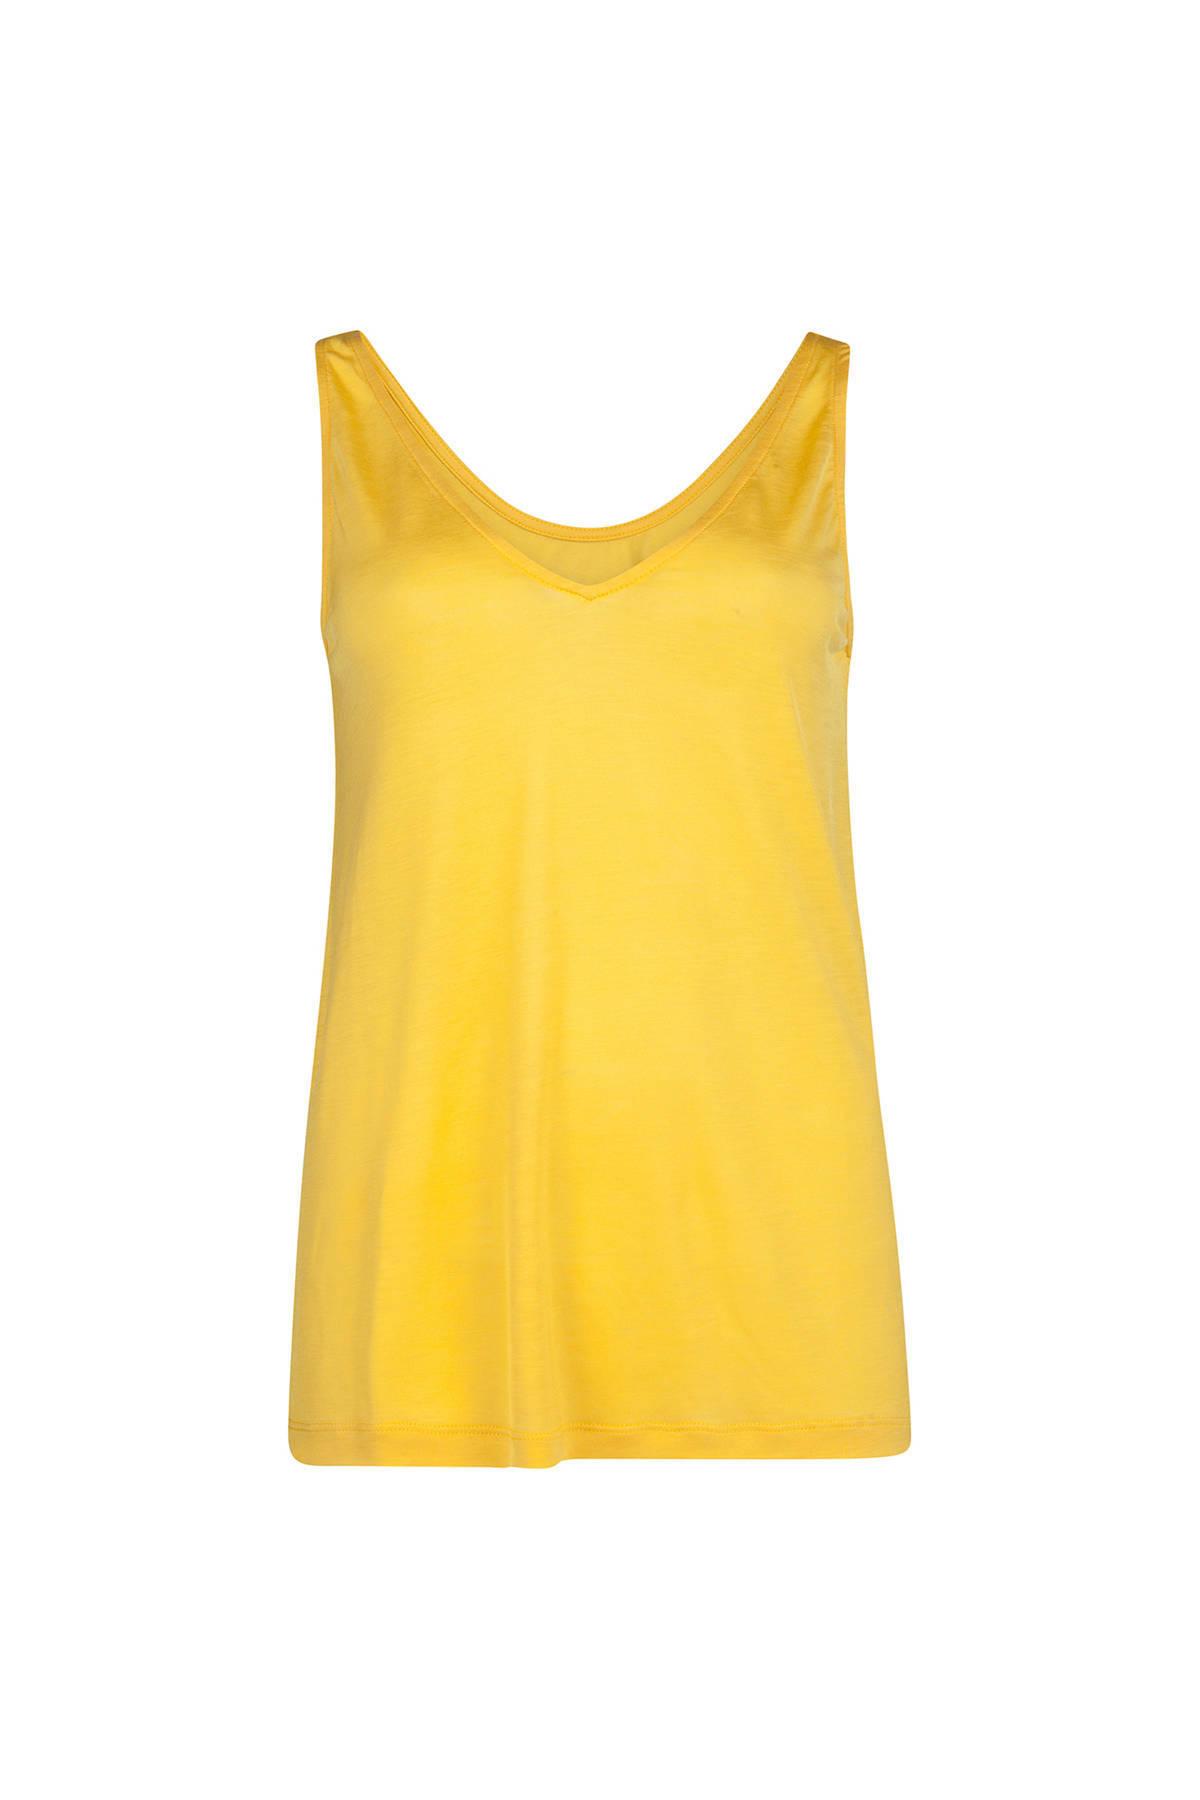 Bij Wehkamp Shirtsamp; T Bezorging Tops 20 Dames Gratis Vanaf R34L5Aj